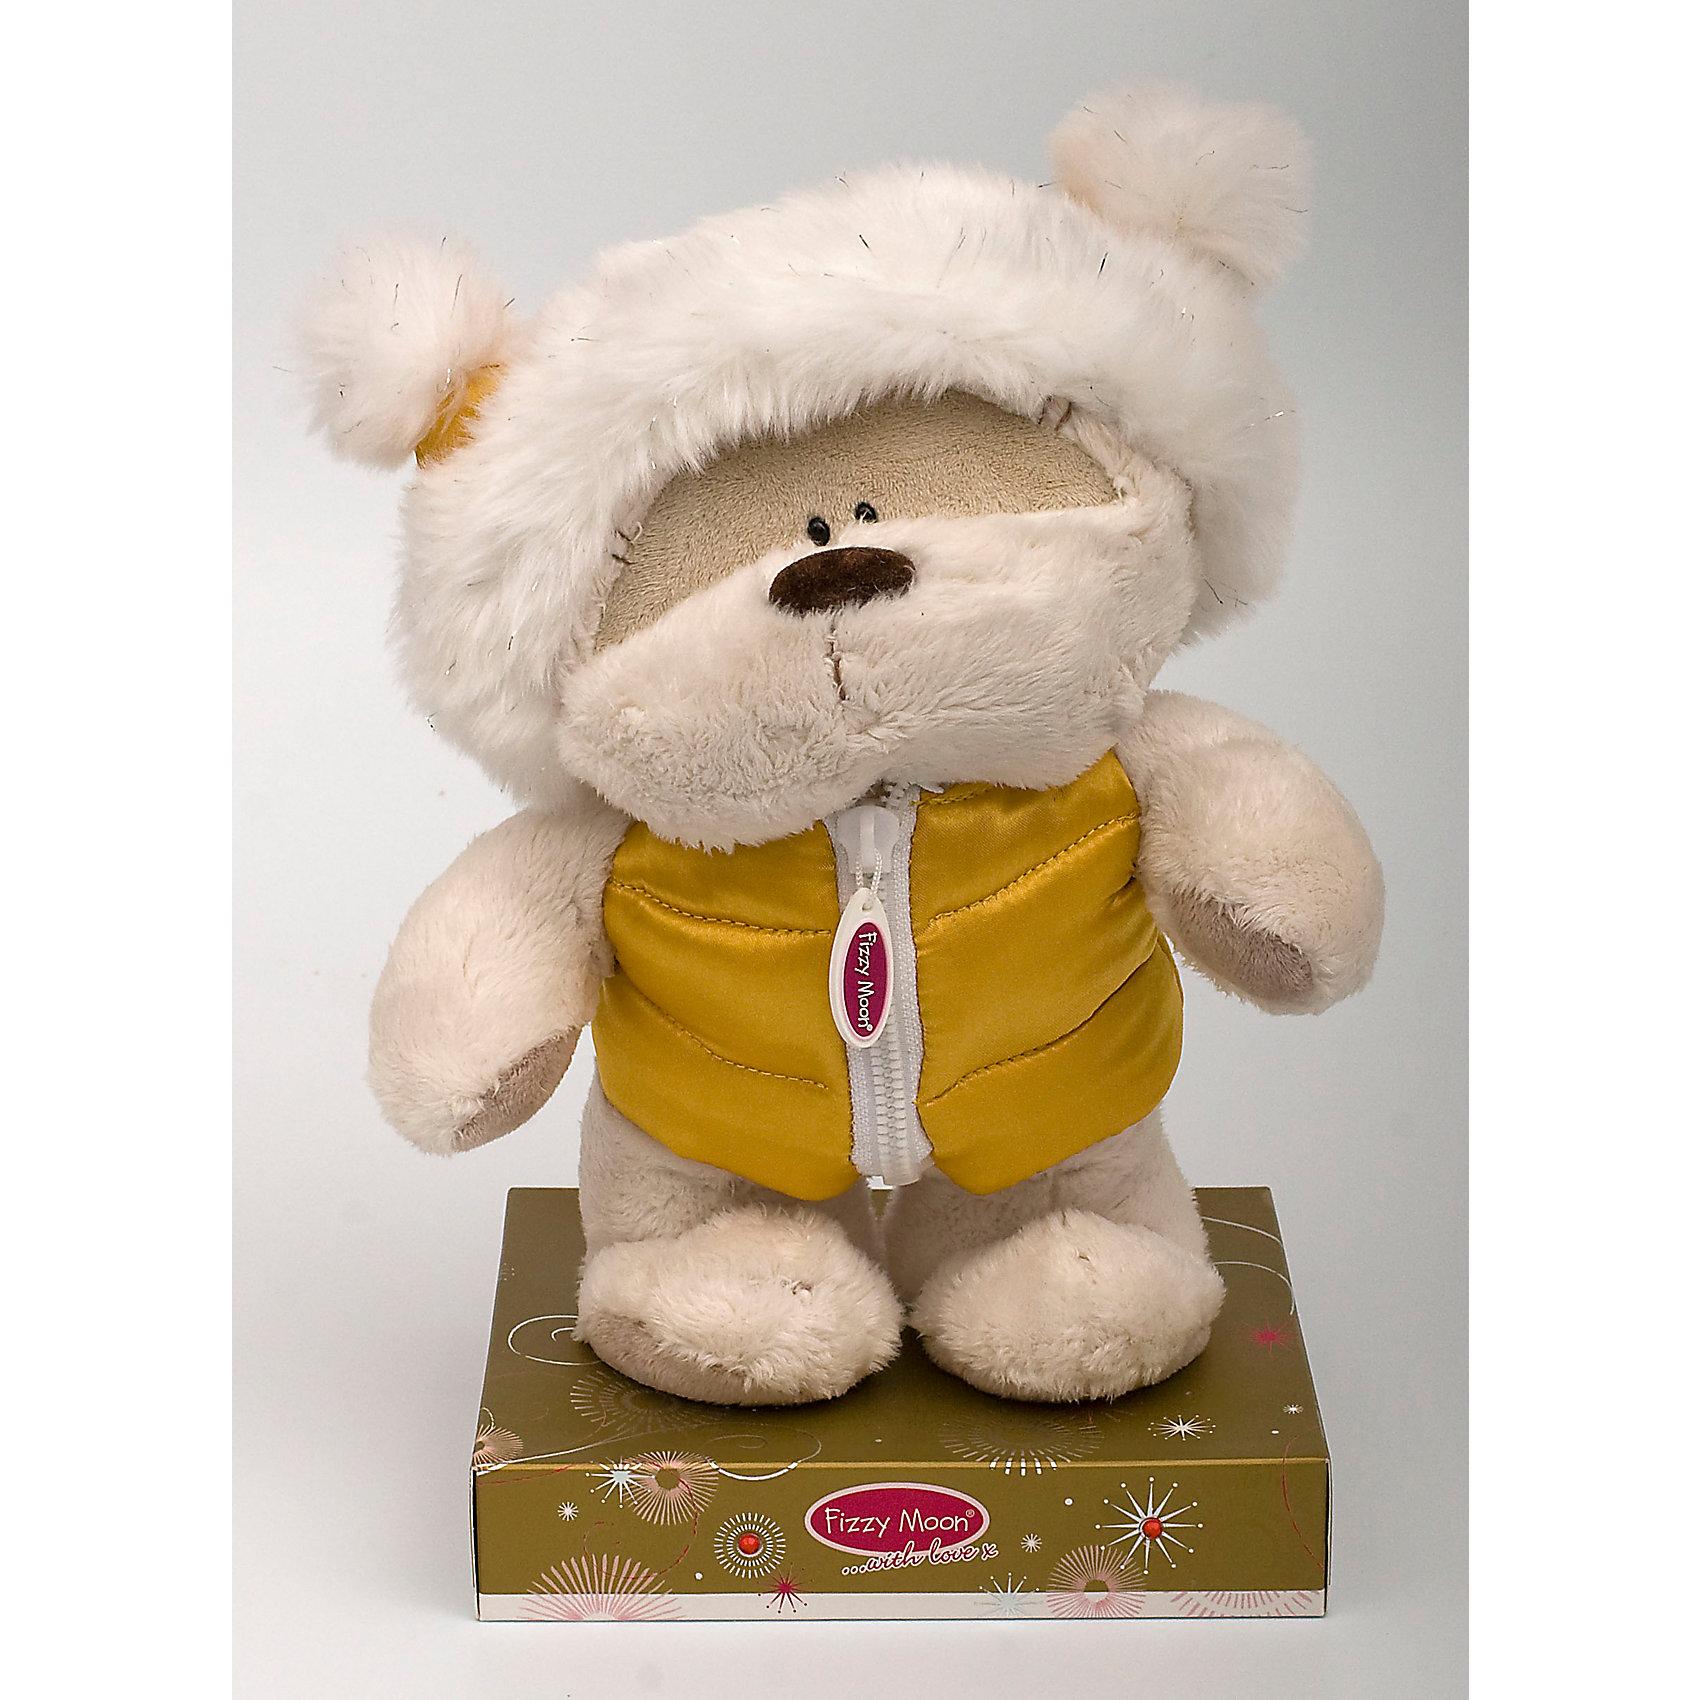 Мишка, 20 см, Fizzy MoonМедвежата<br>Мишка, 20 см, Fizzy Moon (Физзи Мун).<br><br>Характеристики:<br><br>- Размер: 20 см.<br>- Материал: искусственный мех, текстиль<br><br>Сентиментальный медвежонок по имени Физзи Мун в желтом атласном жилете и теплой шапке, стоящий на подставке, вызывает только положительные эмоции. Трогательный и обаятельный мишка порадует как детей, так и взрослых. У мишки умилительная смешная мордашка, забавный носик и черные как угольки глазки. Он изготовлен из высококачественных материалов. Fizzy Moon (Физзи Мун) всемирно известный бренд игрушек, который уже завоевал любовь и популярность! Добрый мишка Физзи Мун станет отличным подарком!<br><br>Мишку, 20 см, Fizzy Moon (Физзи Мун) можно купить в нашем интернет-магазине.<br><br>Ширина мм: 100<br>Глубина мм: 70<br>Высота мм: 210<br>Вес г: 280<br>Возраст от месяцев: 36<br>Возраст до месяцев: 2147483647<br>Пол: Унисекс<br>Возраст: Детский<br>SKU: 5119979